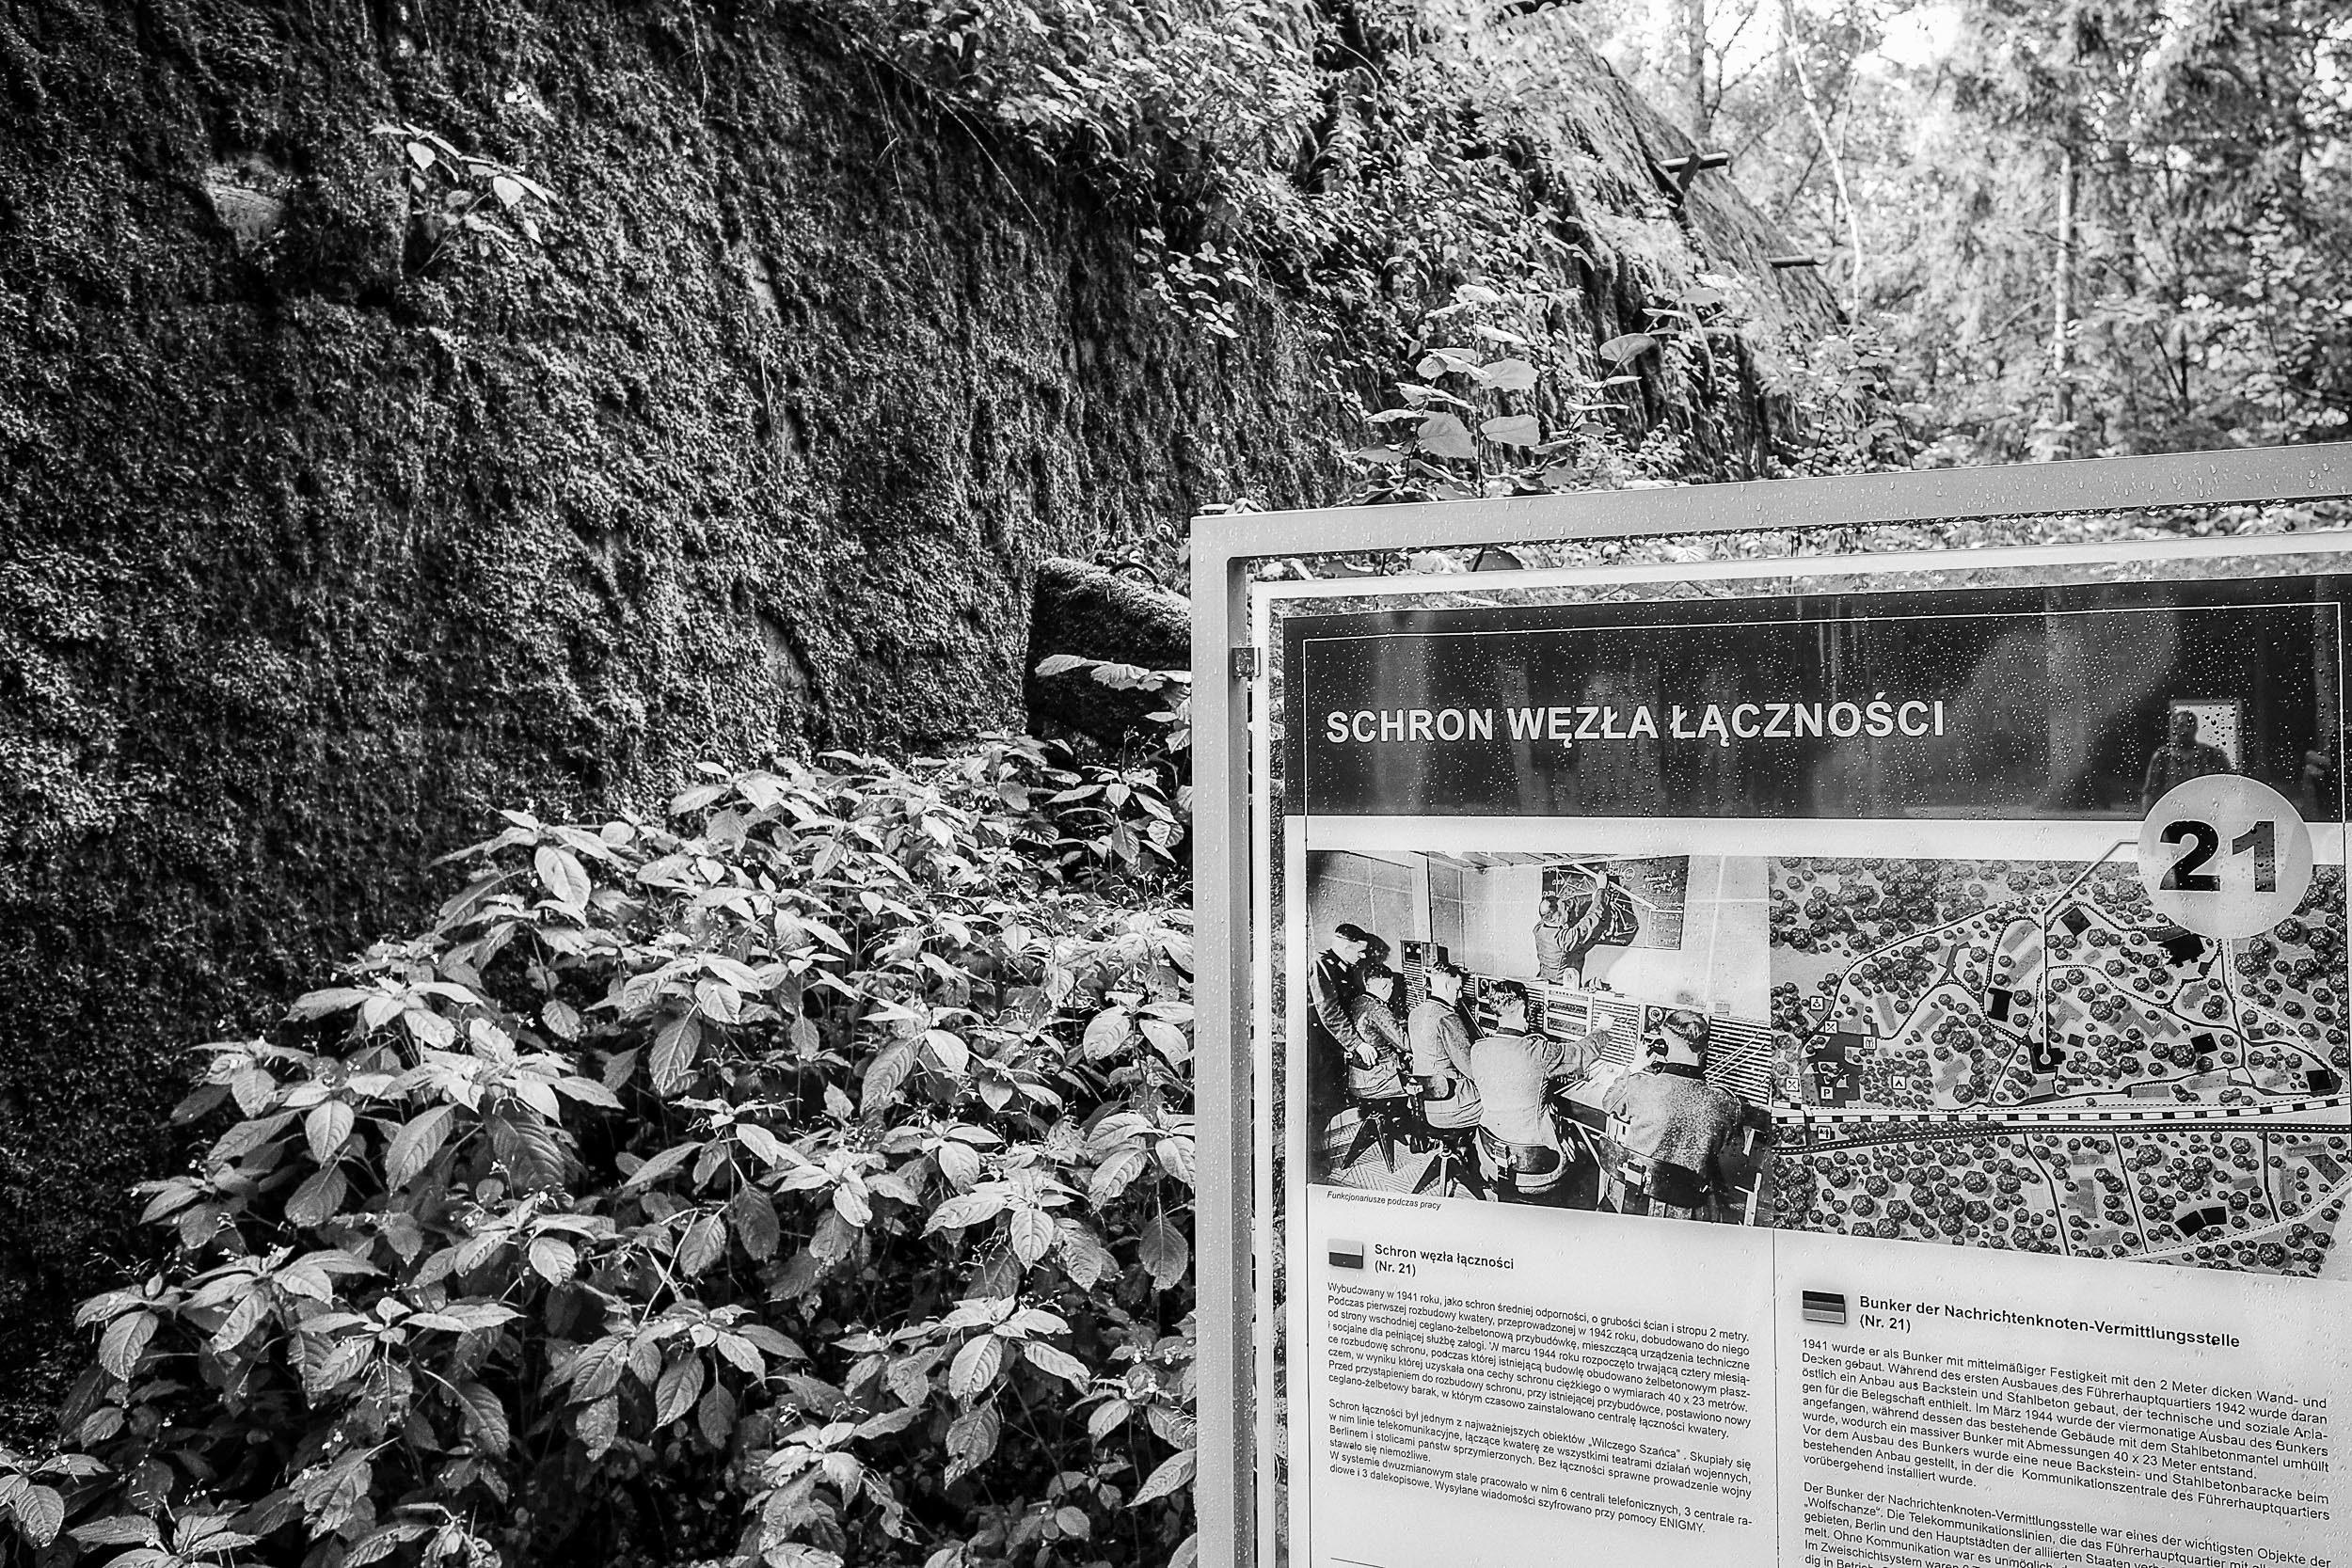 Hinweistafel zerstörter Bunker Wolfsschanze